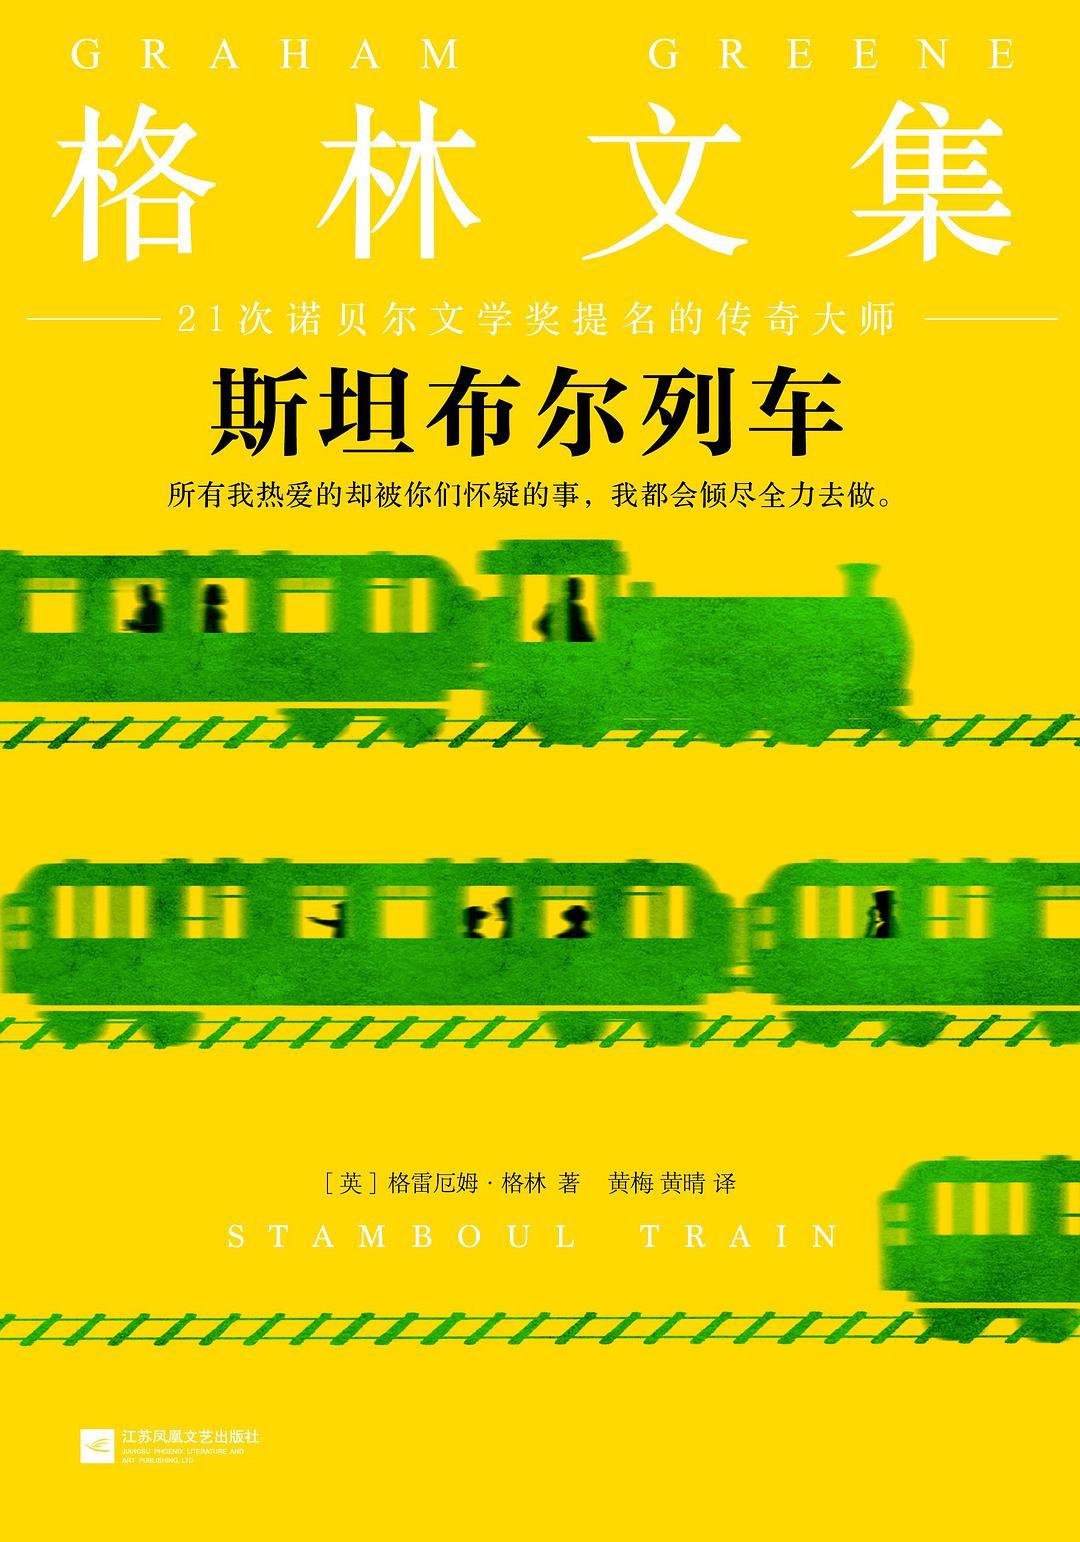 斯坦布尔列车-好书天下